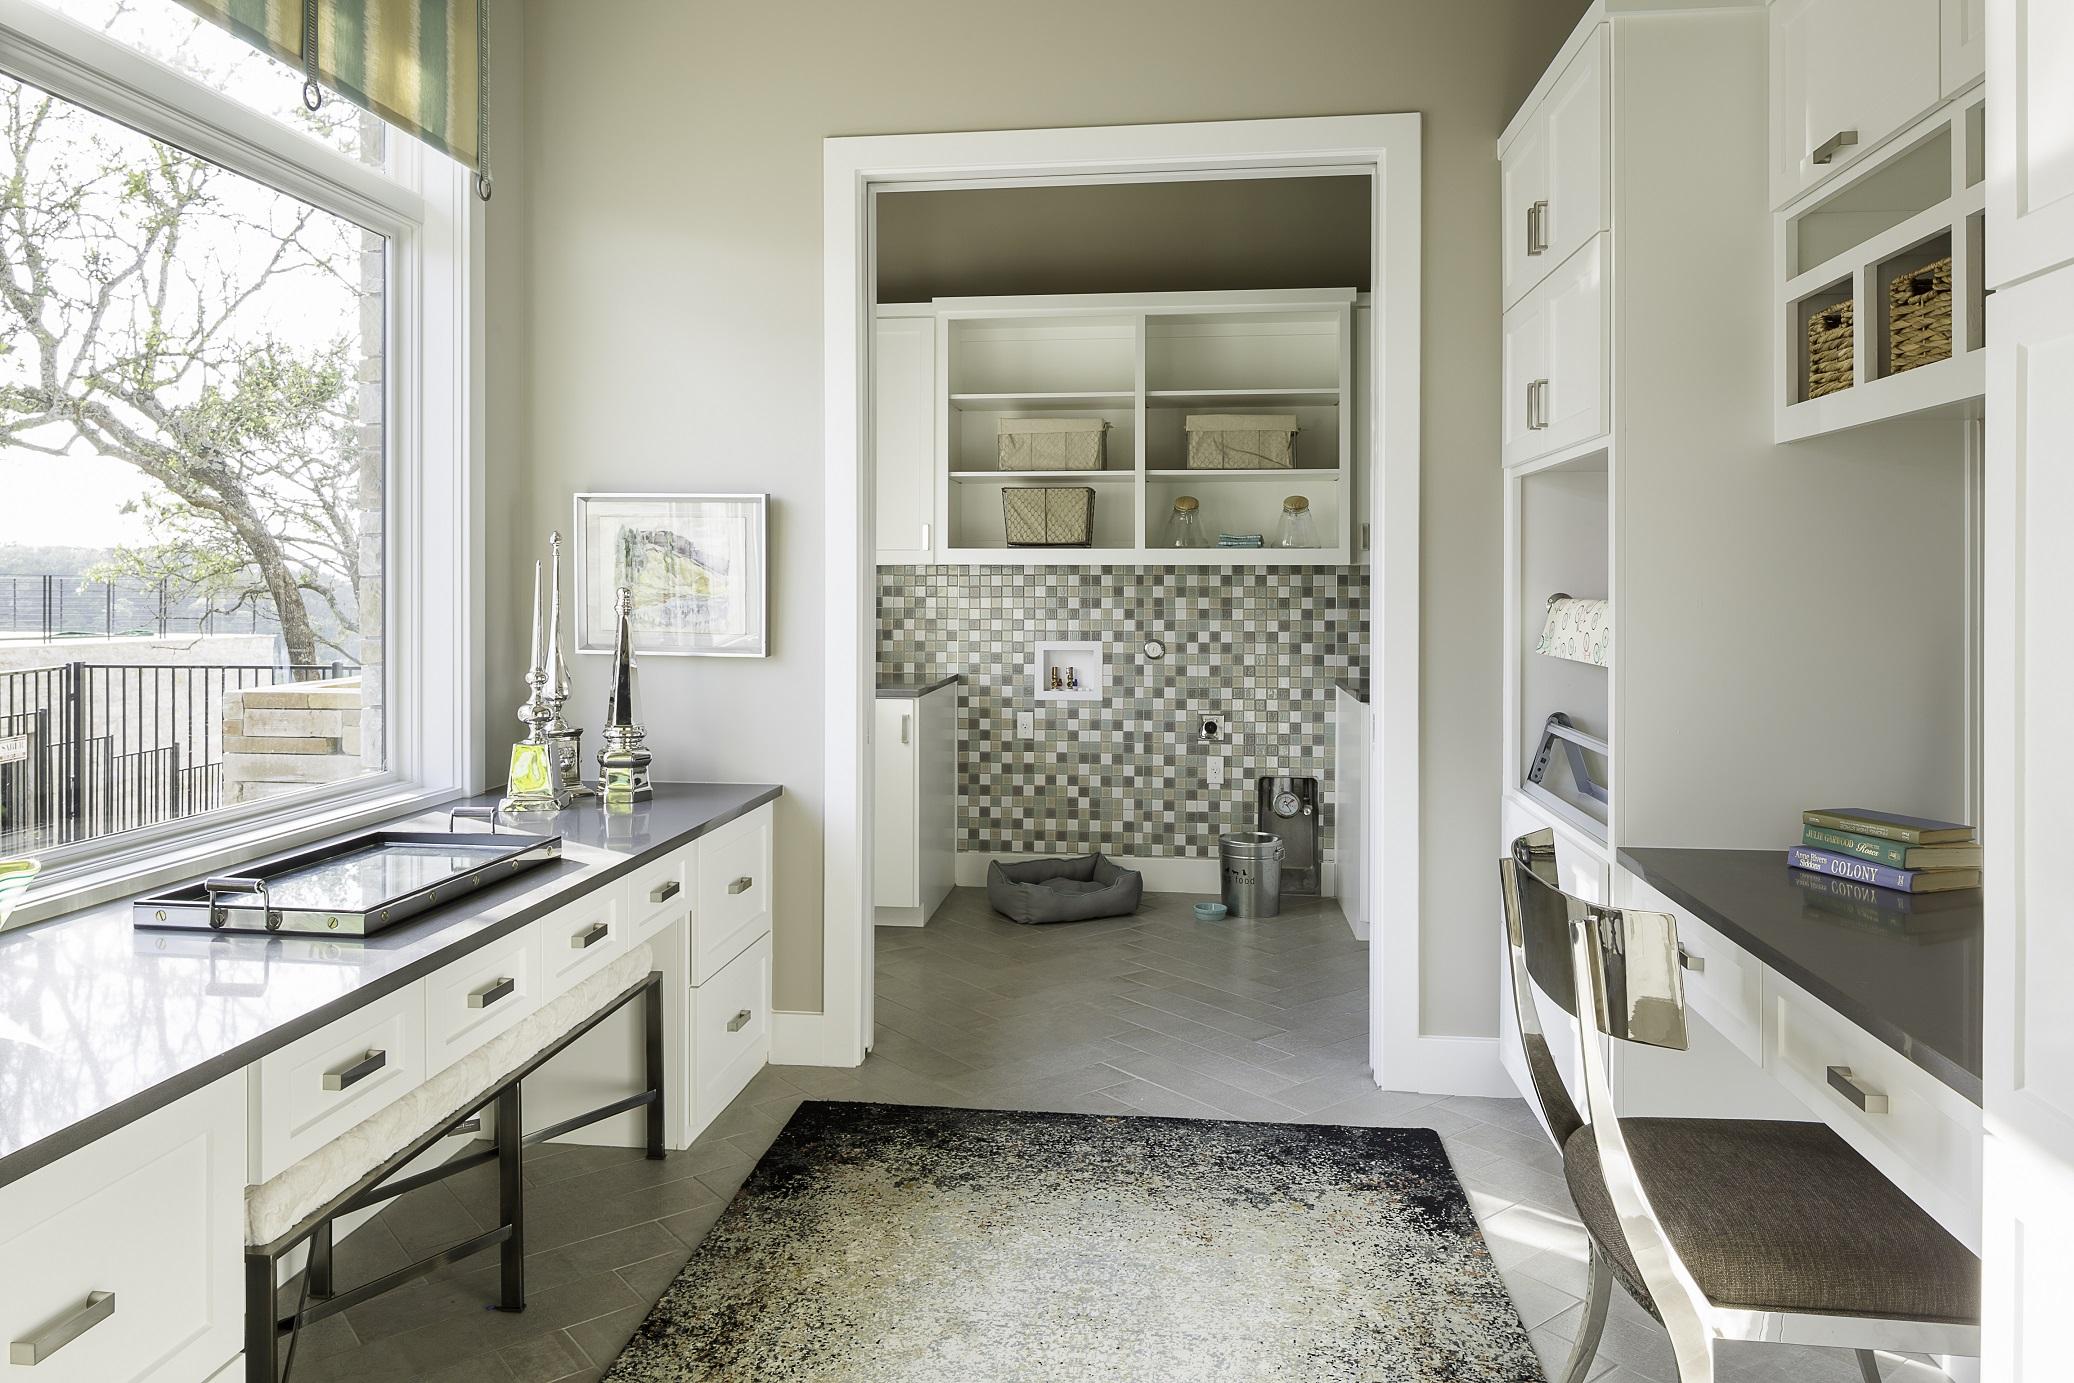 Duckhorn Residence - utility